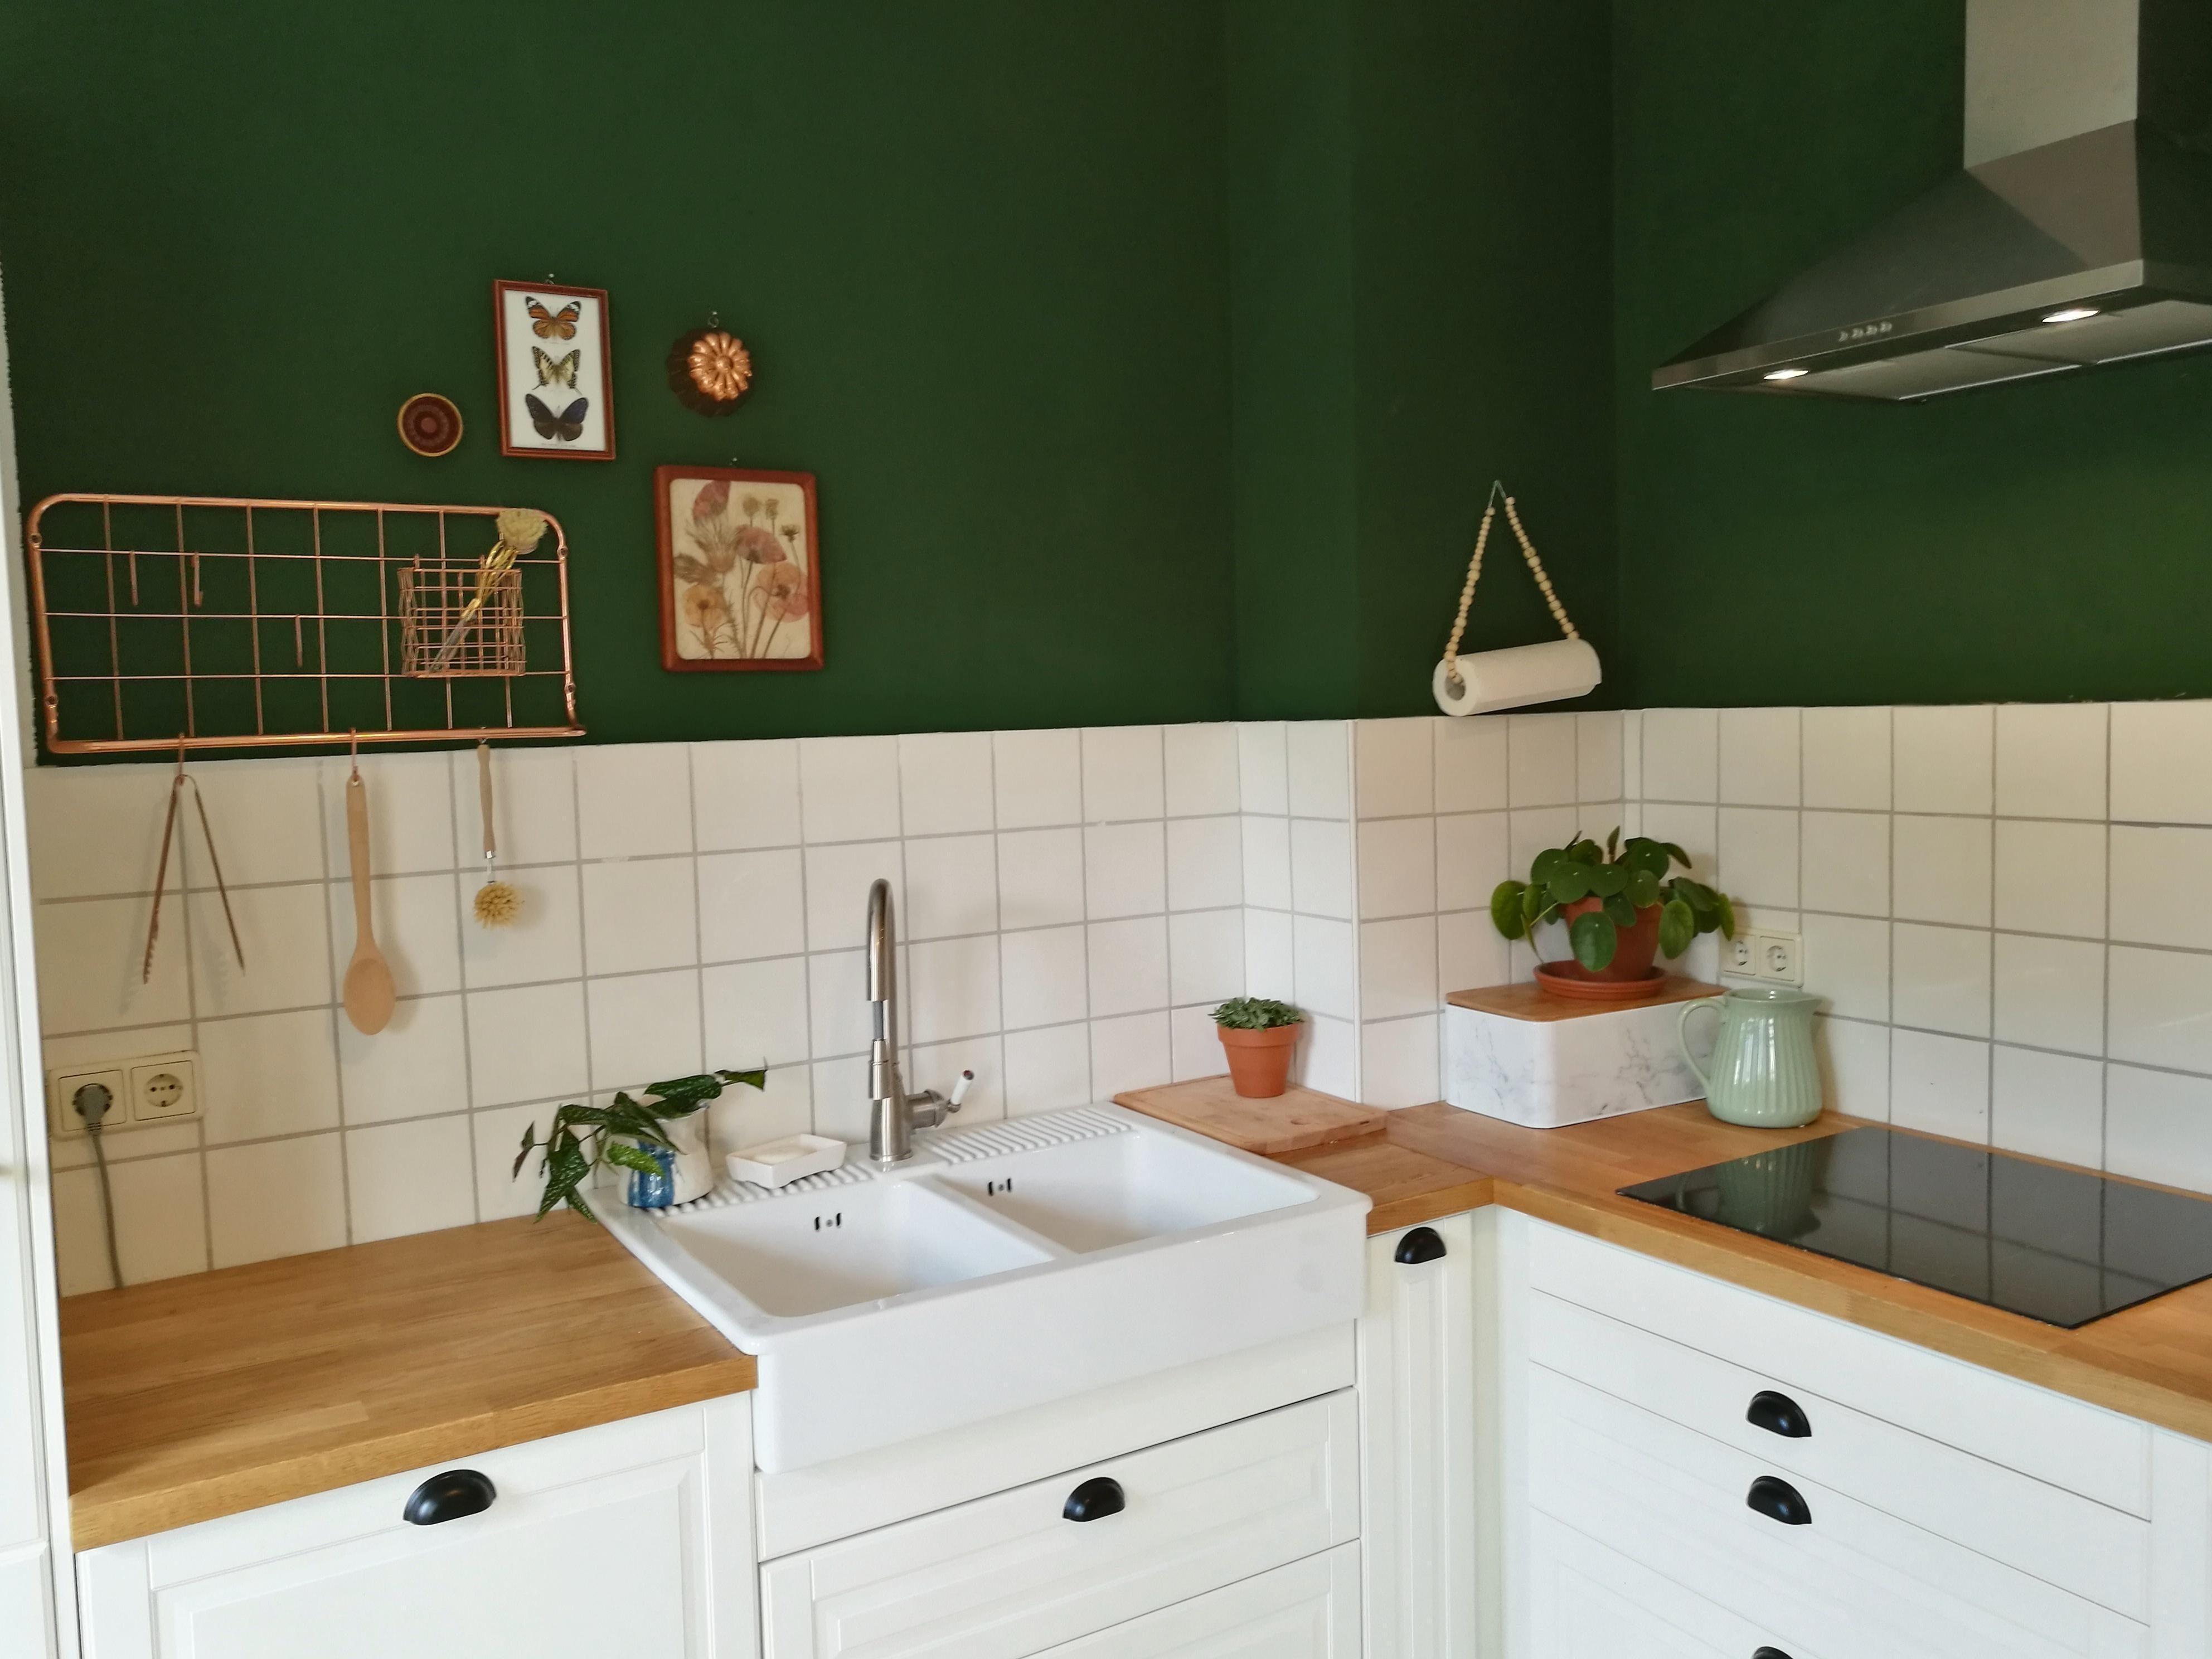 Grun Meets Kupfer In Der Kuche Von Mitglied Ma123rie Trifft Grune Wandfarbe Green Meets Cop In 2020 Green Kitchen Walls Kitchen Interior Dark Green Kitchen